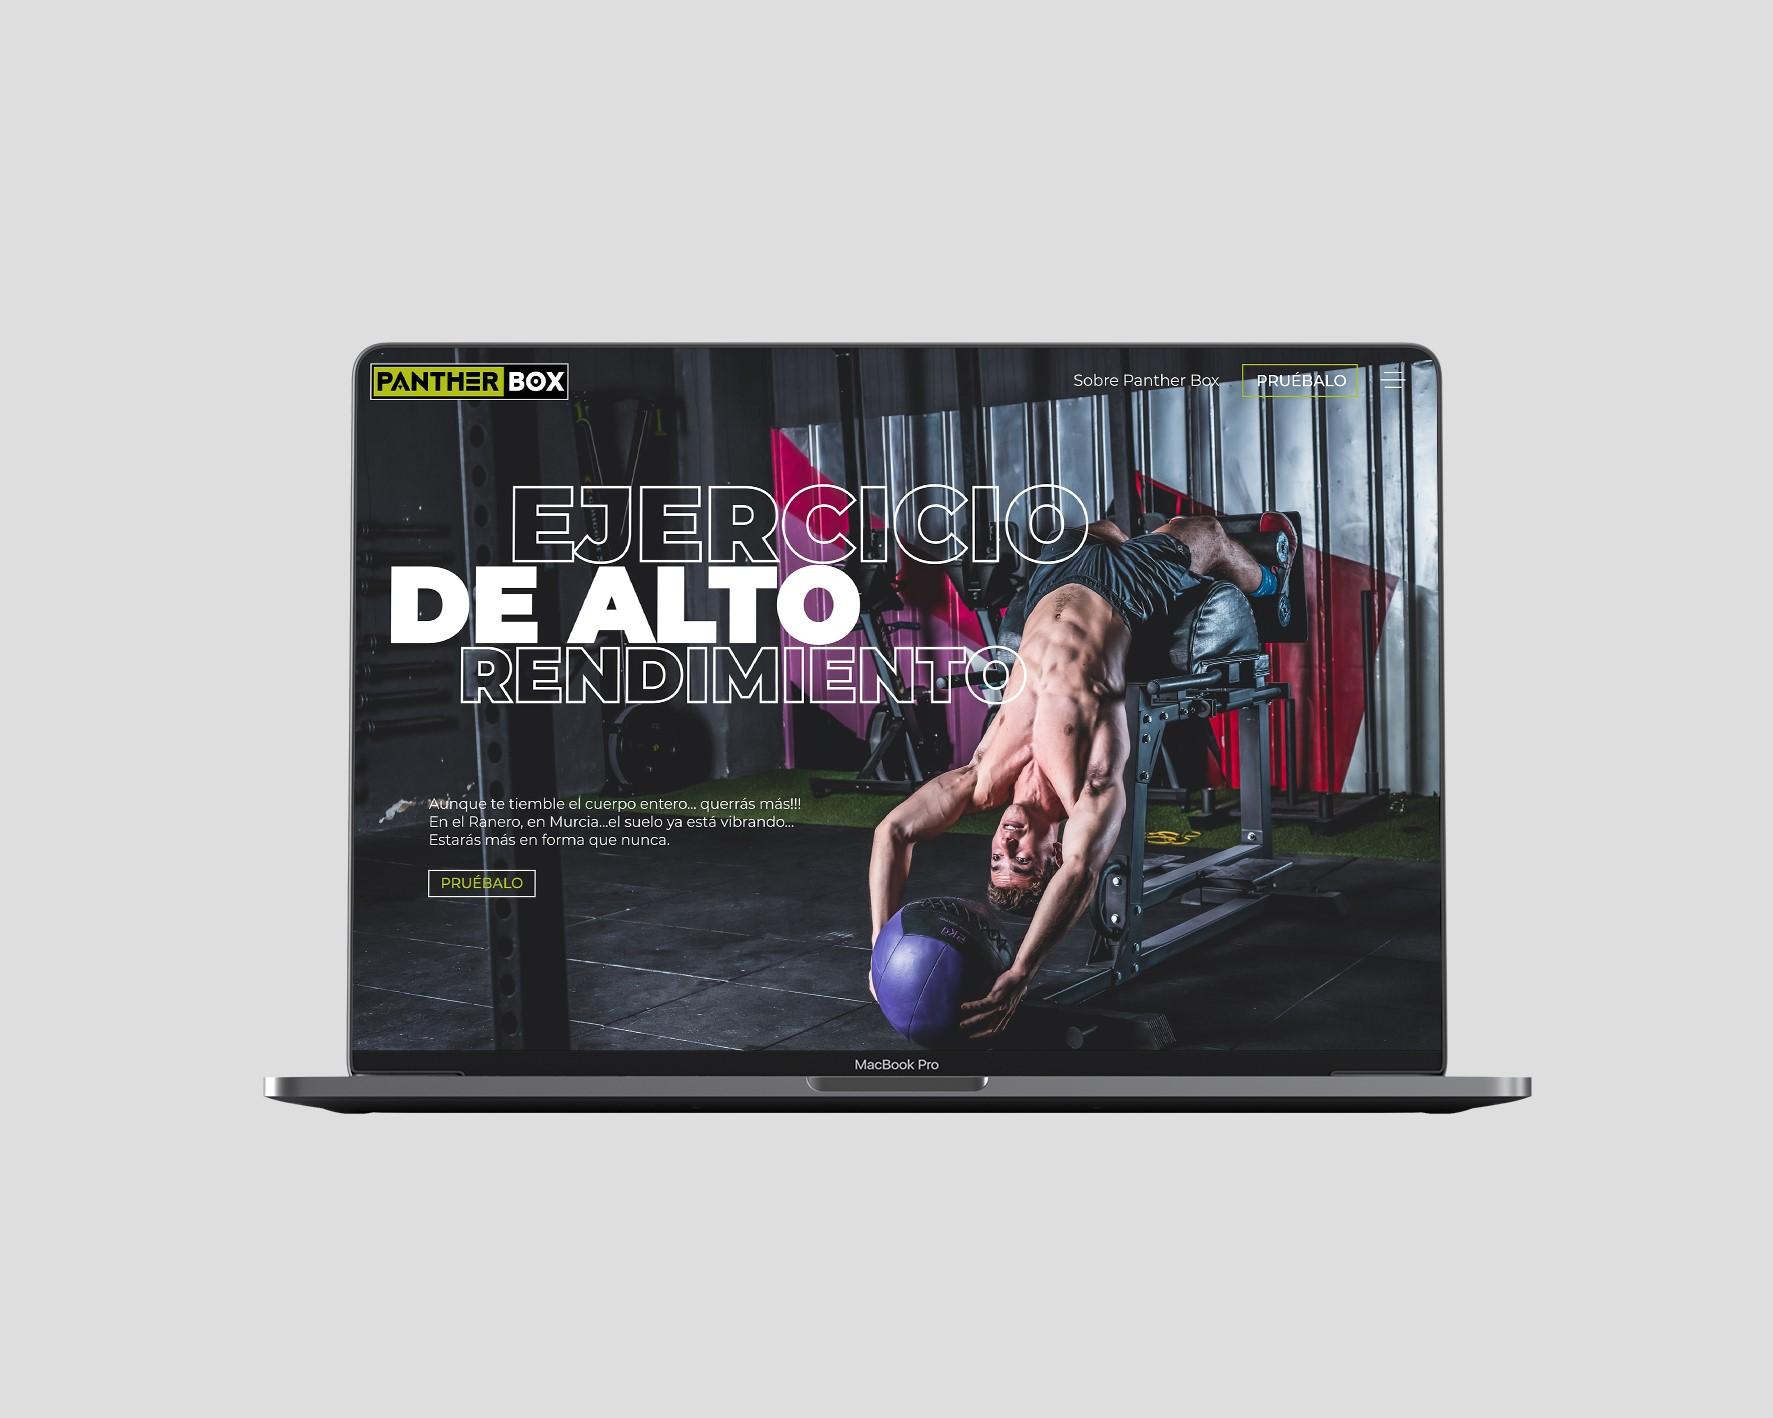 Diseño moderno de página web en la computadora portátil con hombre musculoso levantando pelota pesada